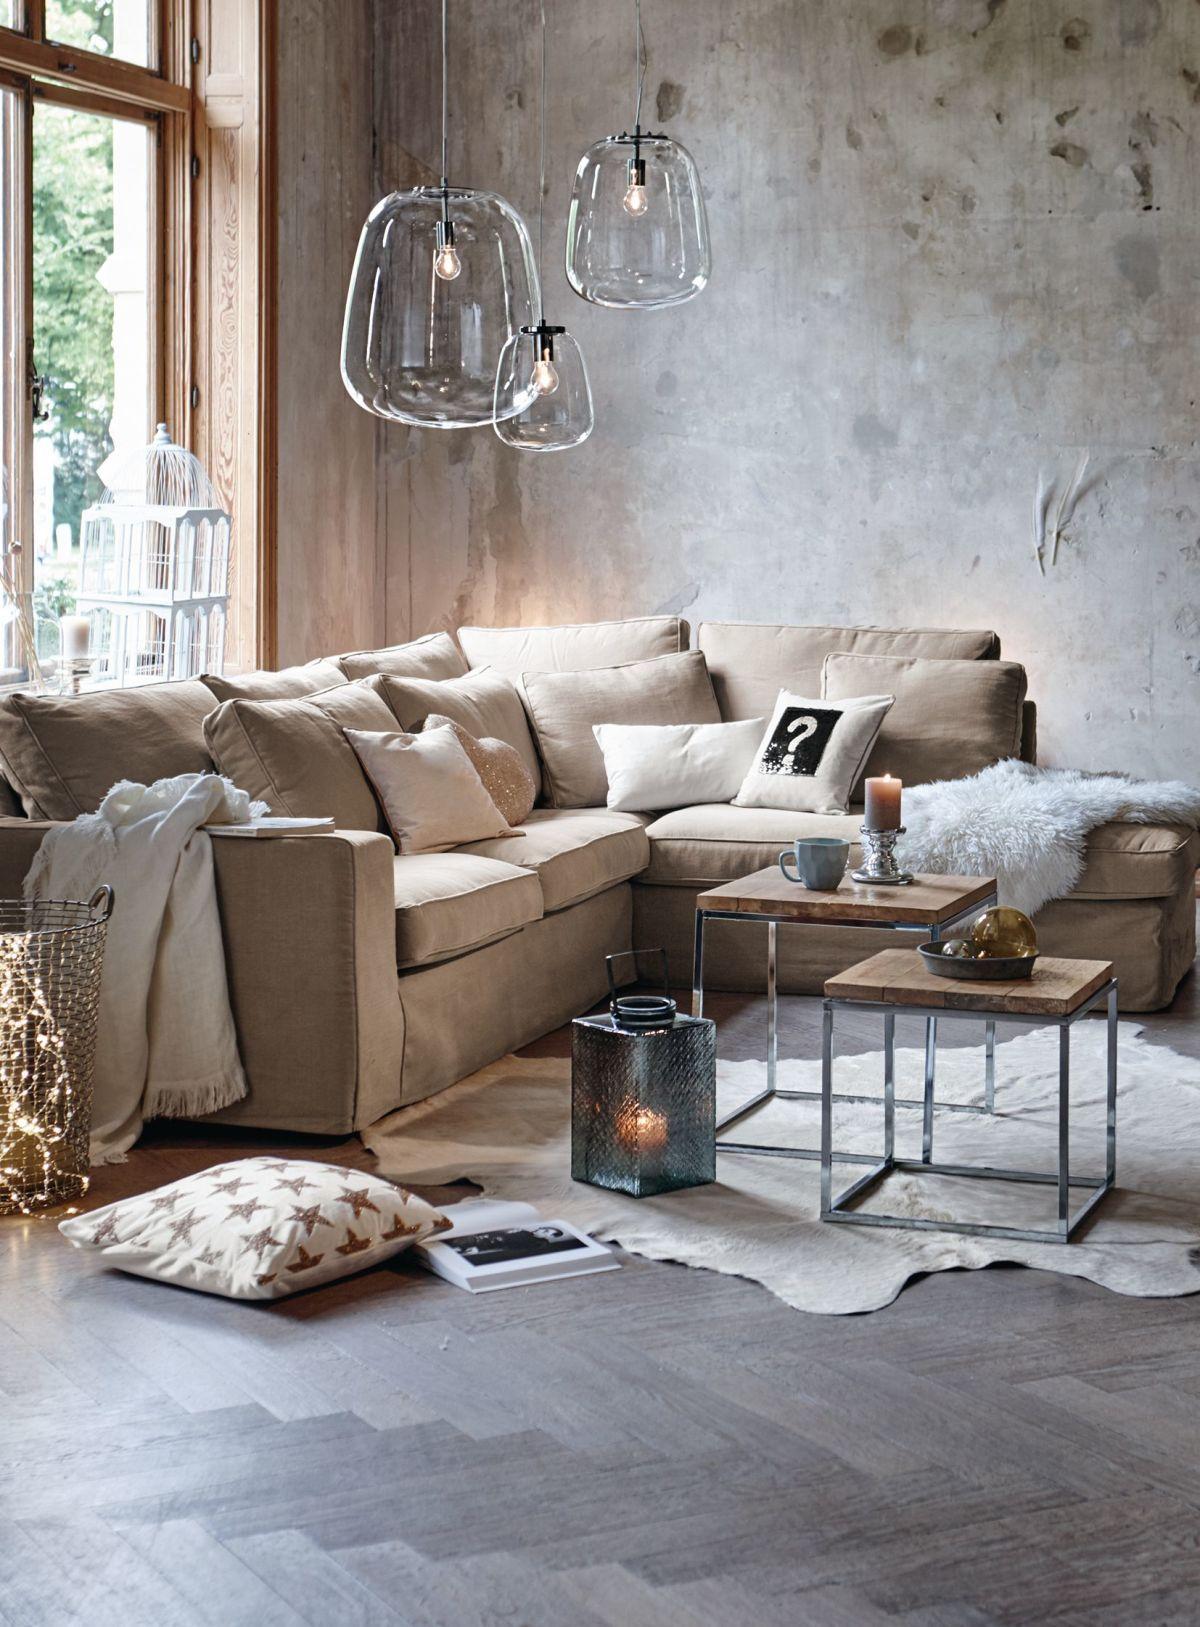 Wohnzimmerspiegel über couch der hochwertige geradlinig pure eyecatcher zaubert so stil wie